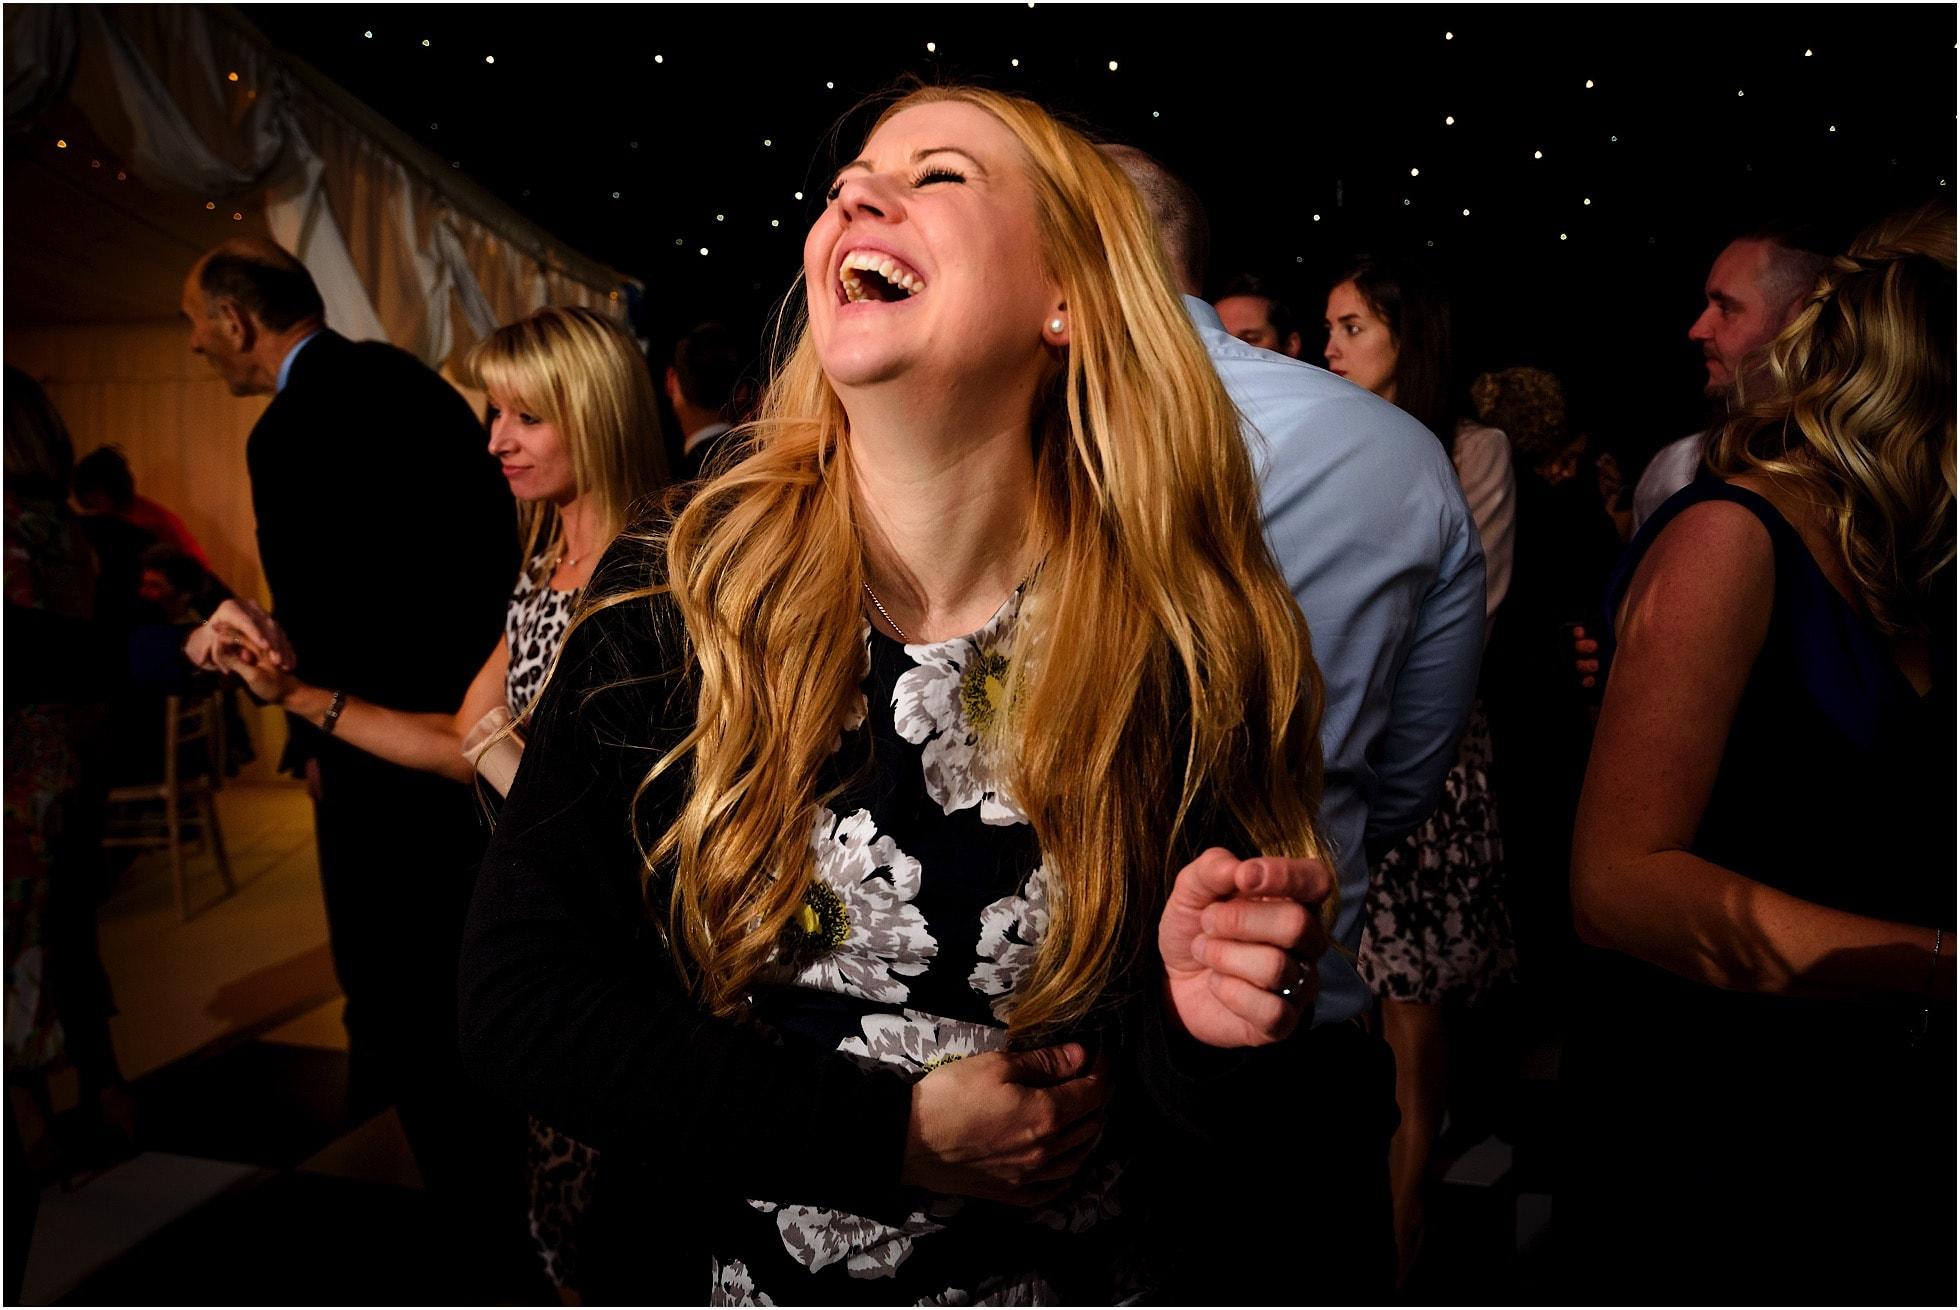 laughter not murder on the dancefloor